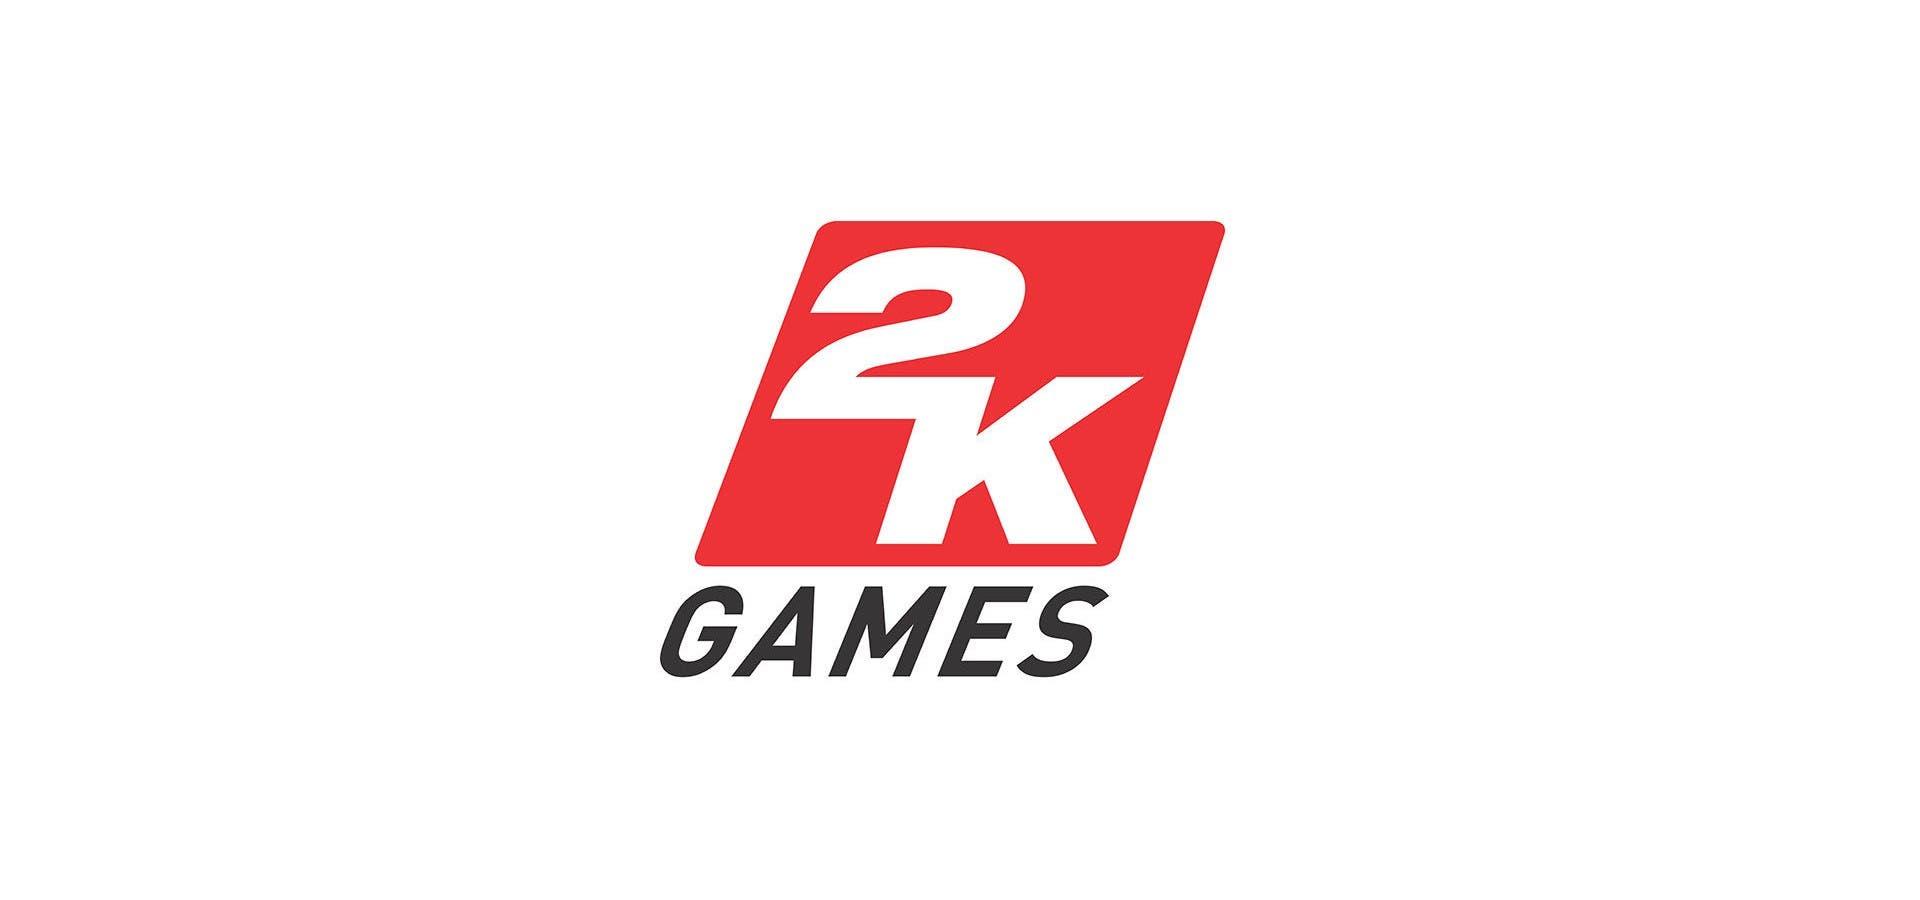 Hackean las redes sociales de 2K Games 3